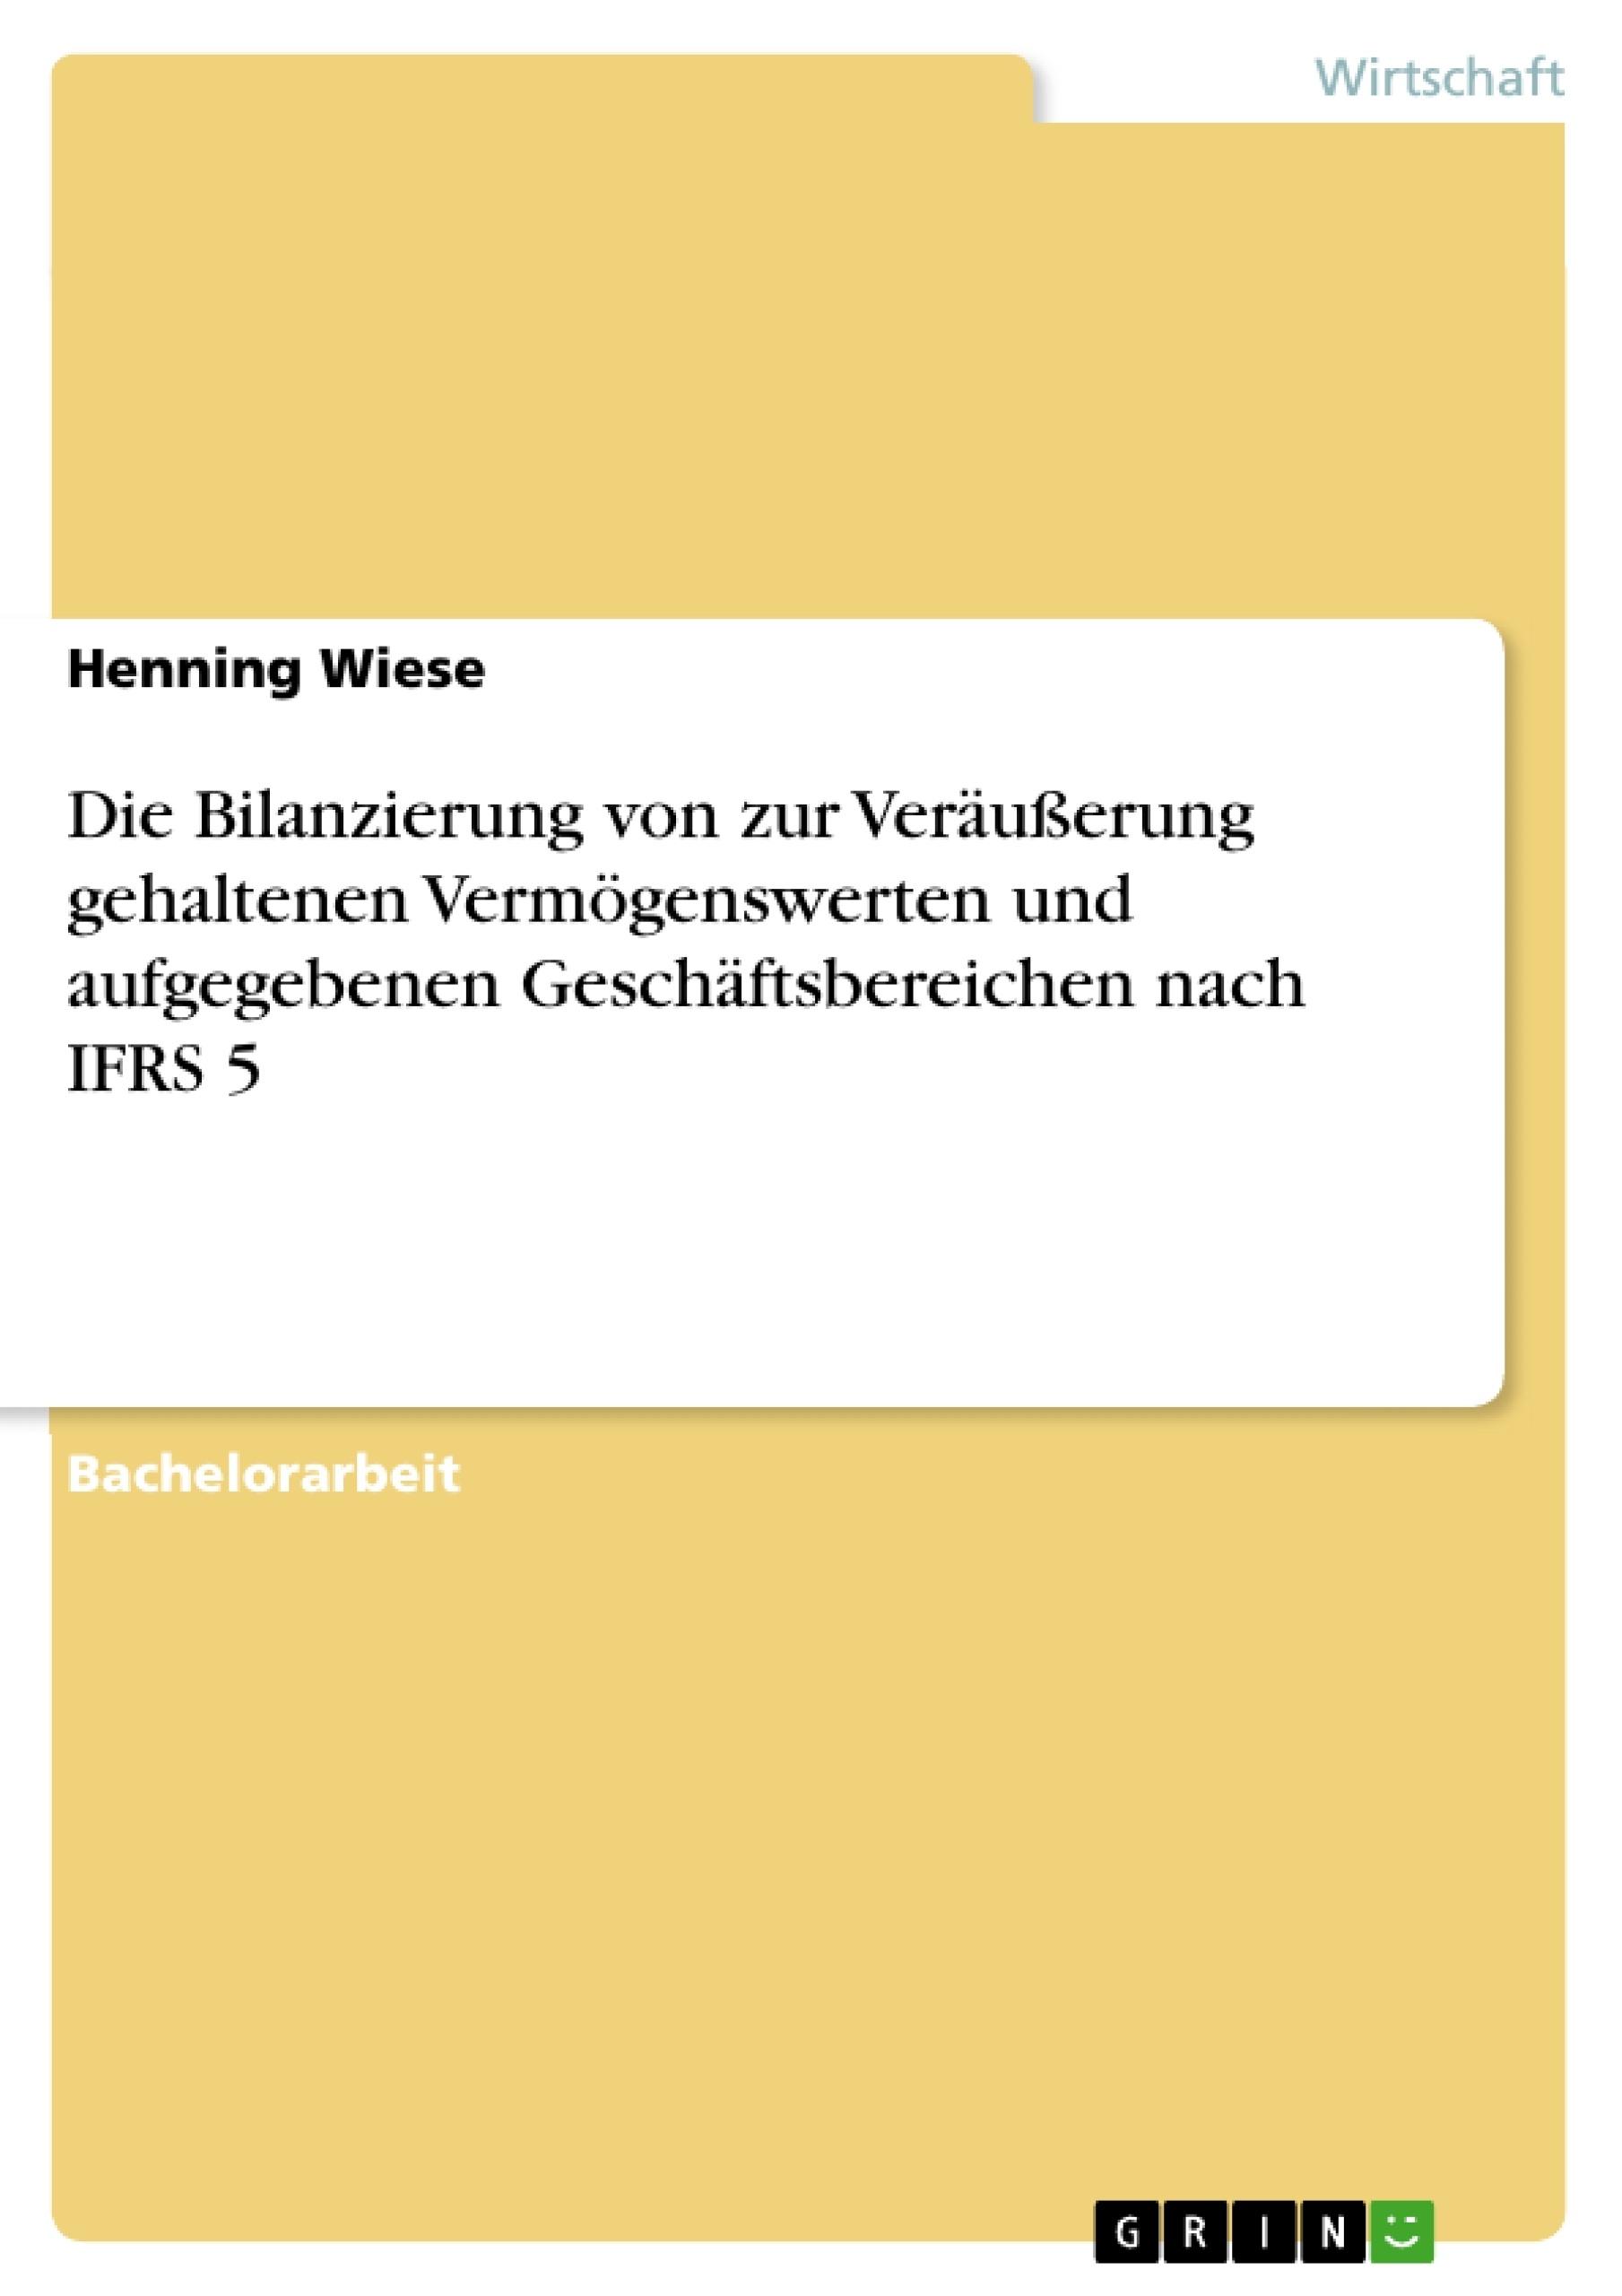 Titel: Die Bilanzierung von zur Veräußerung gehaltenen Vermögenswerten und aufgegebenen Geschäftsbereichen nach IFRS 5